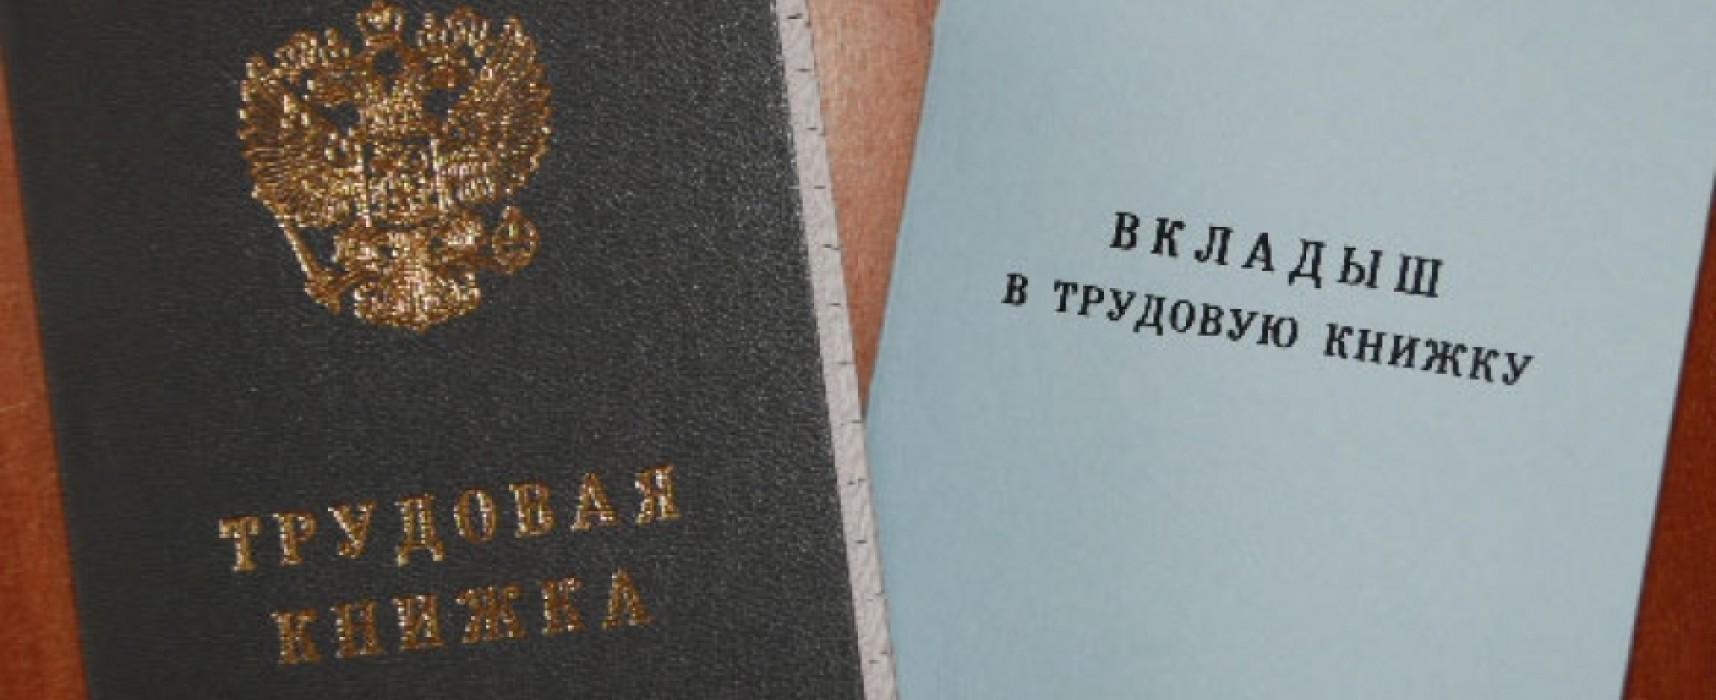 Как правильно заверить копию трудовой книжки своему работнику «работает по настоящее время»?